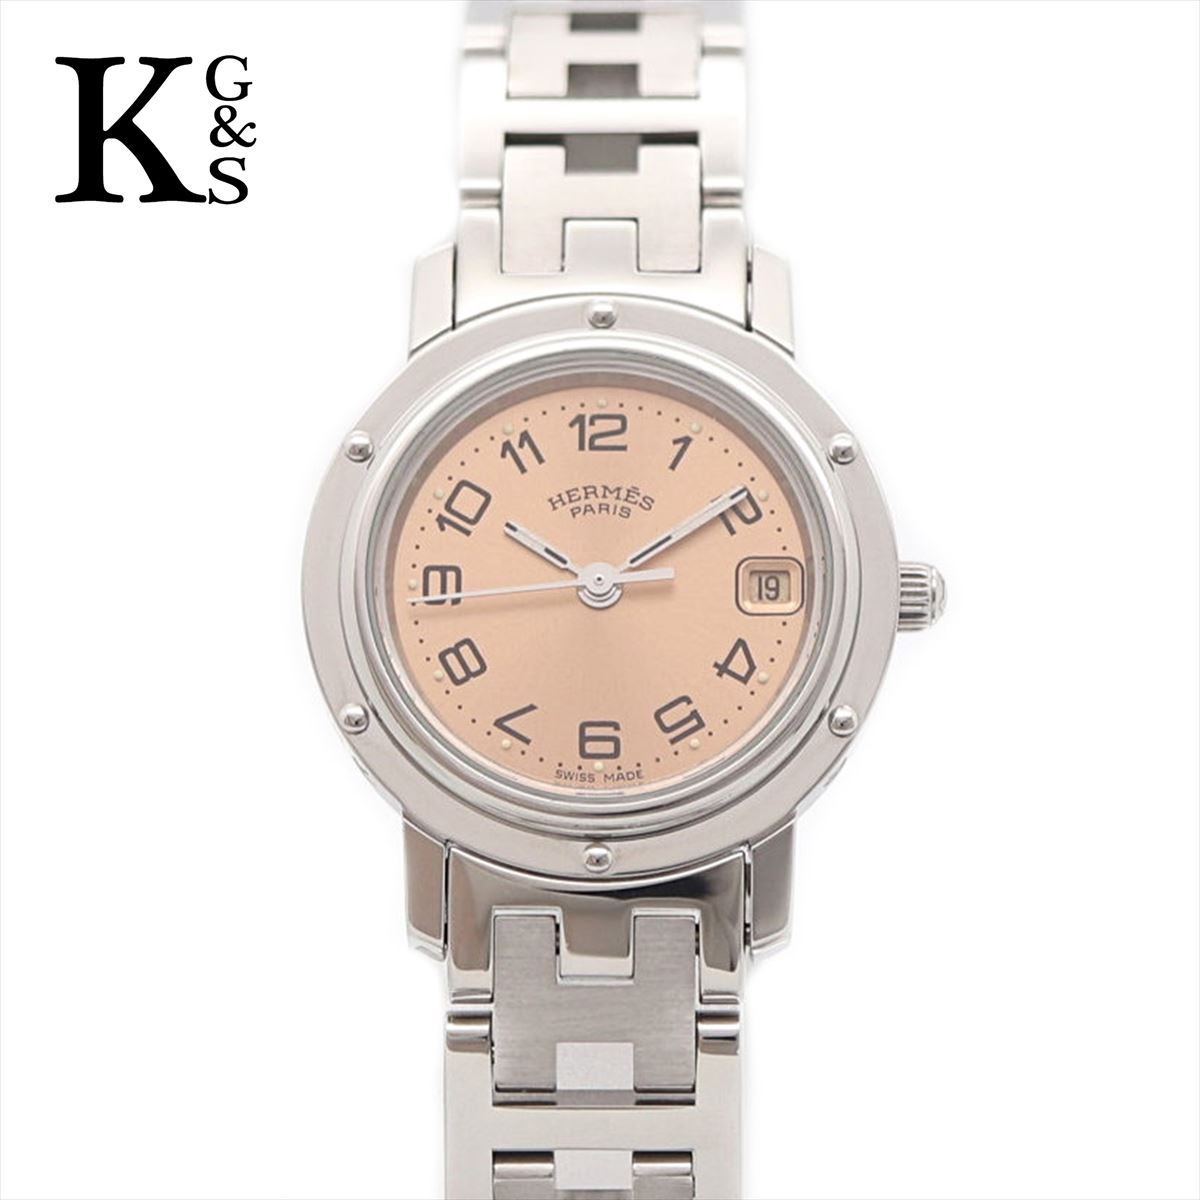 【ギフト品質】エルメス/Hermes レディース 腕時計 クリッパー ピンク文字盤 ステンレススチール CL4.210 ステンレススチール